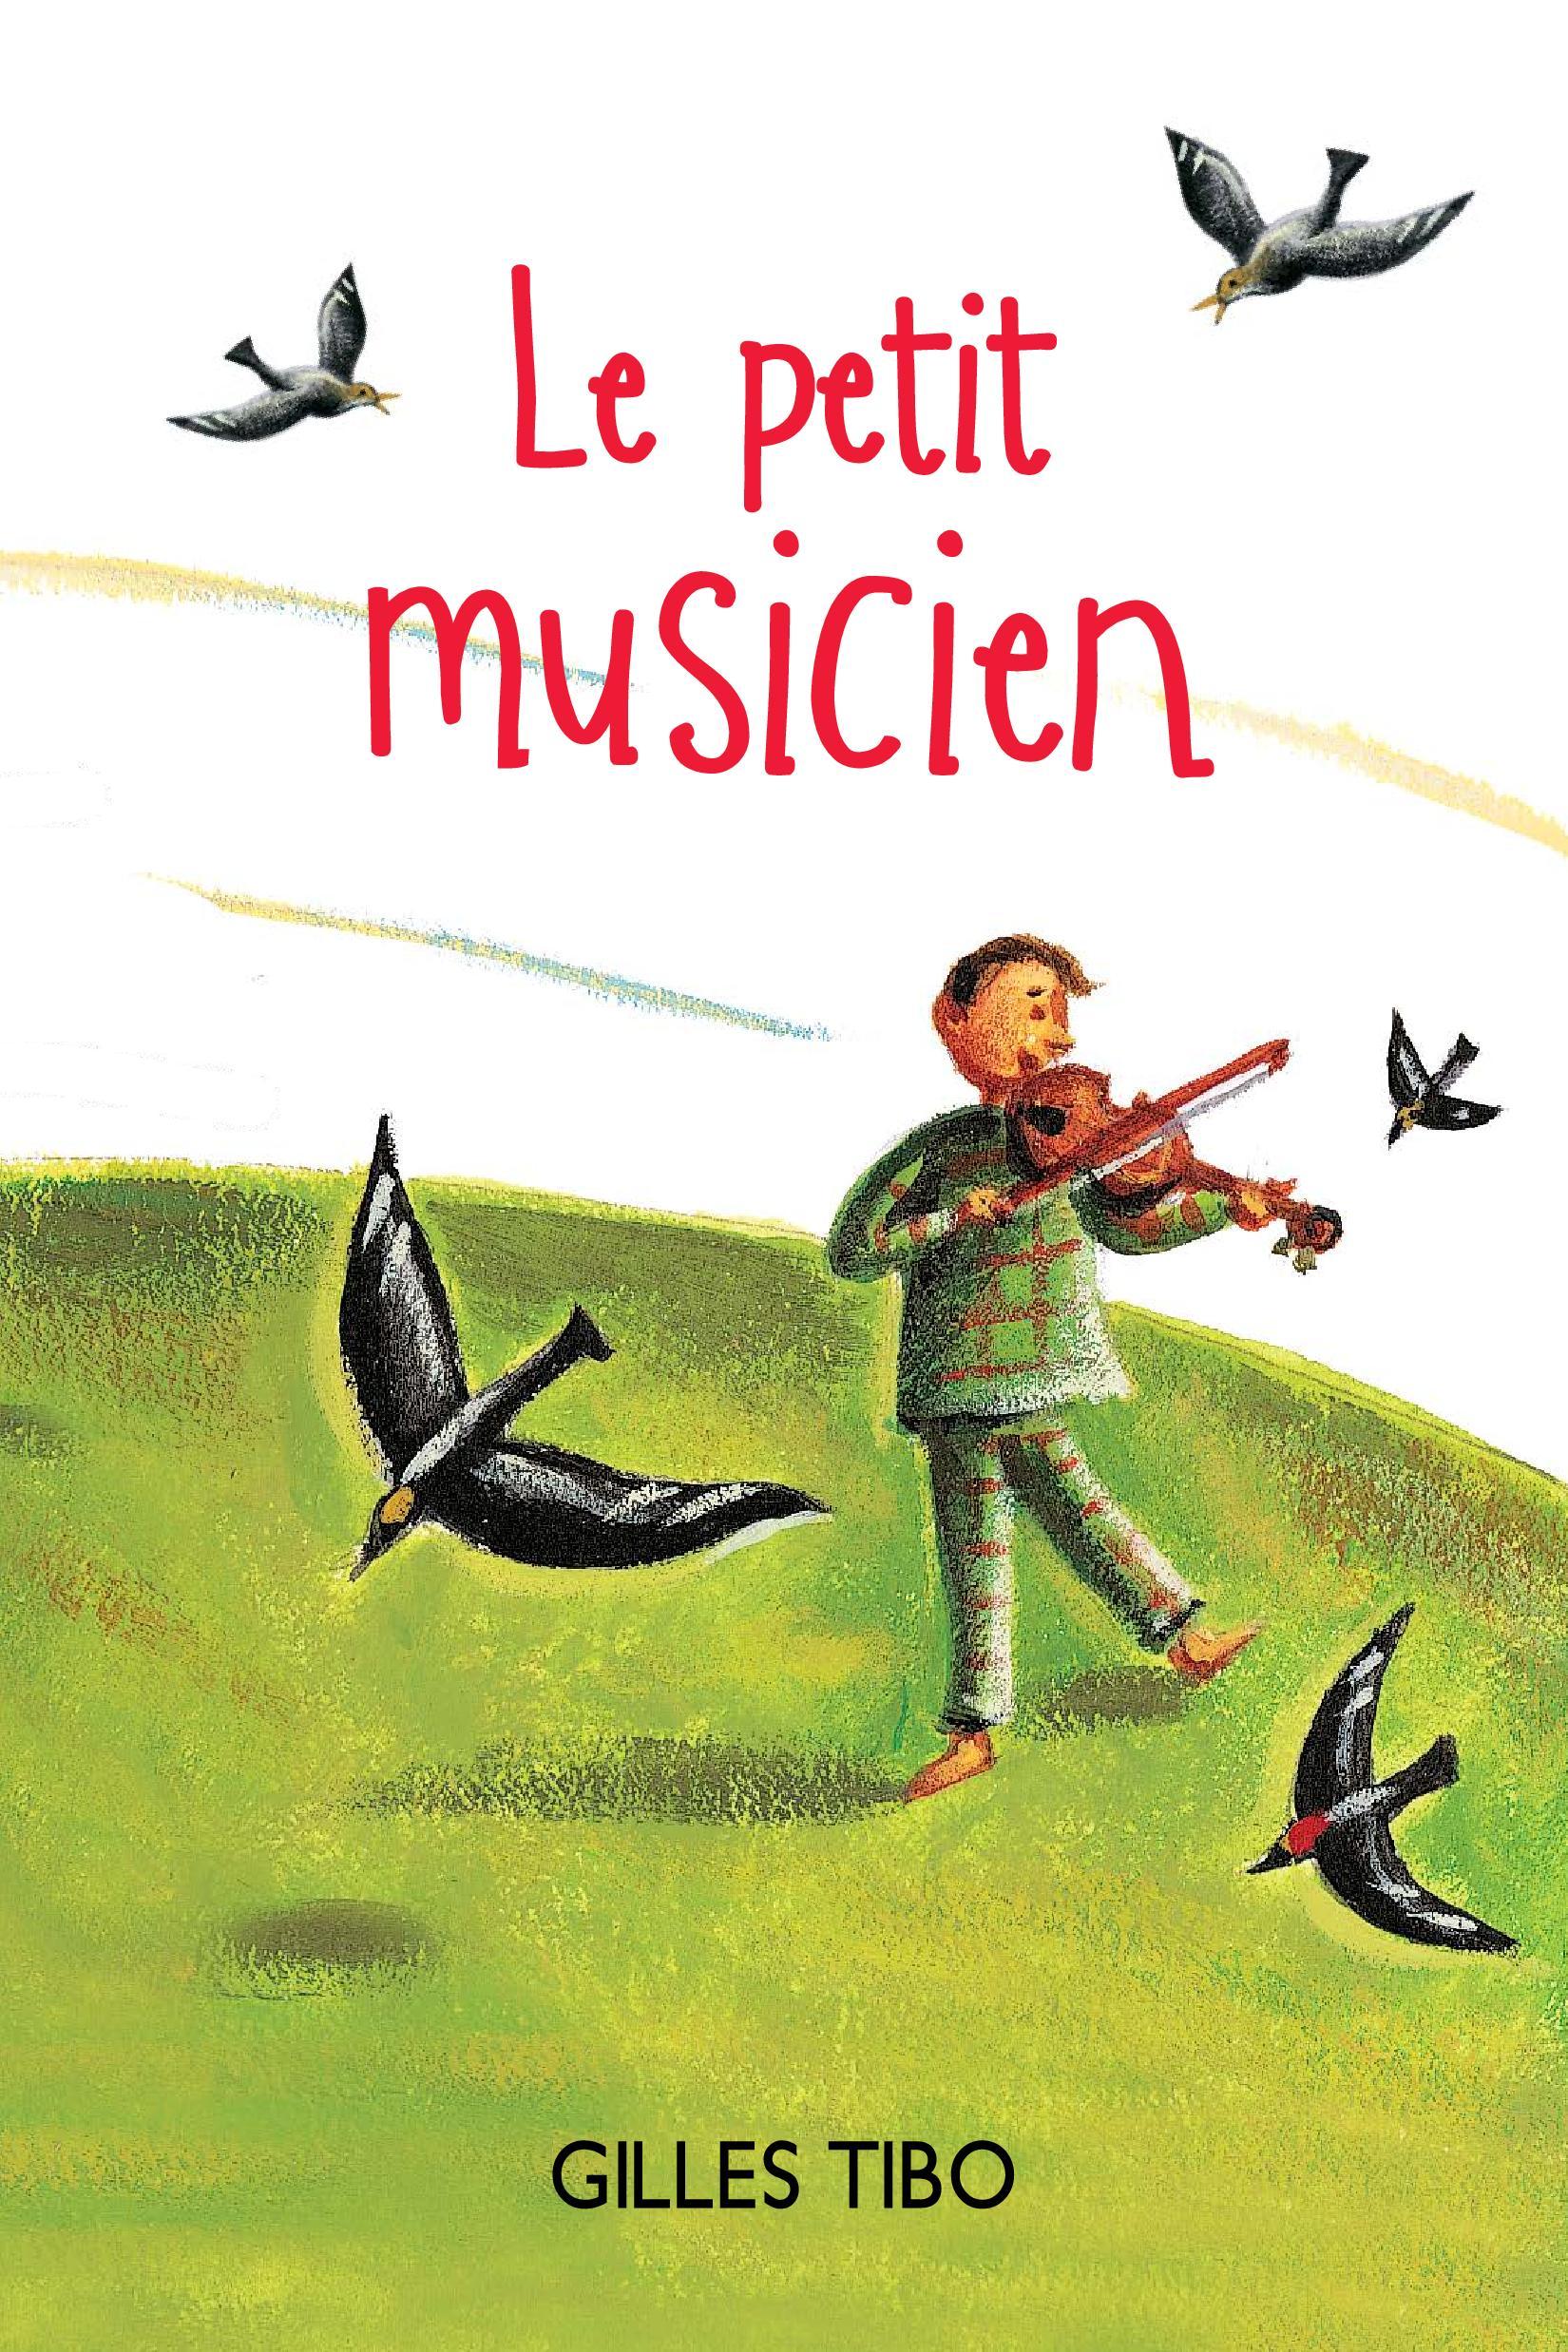 Le petit musicien